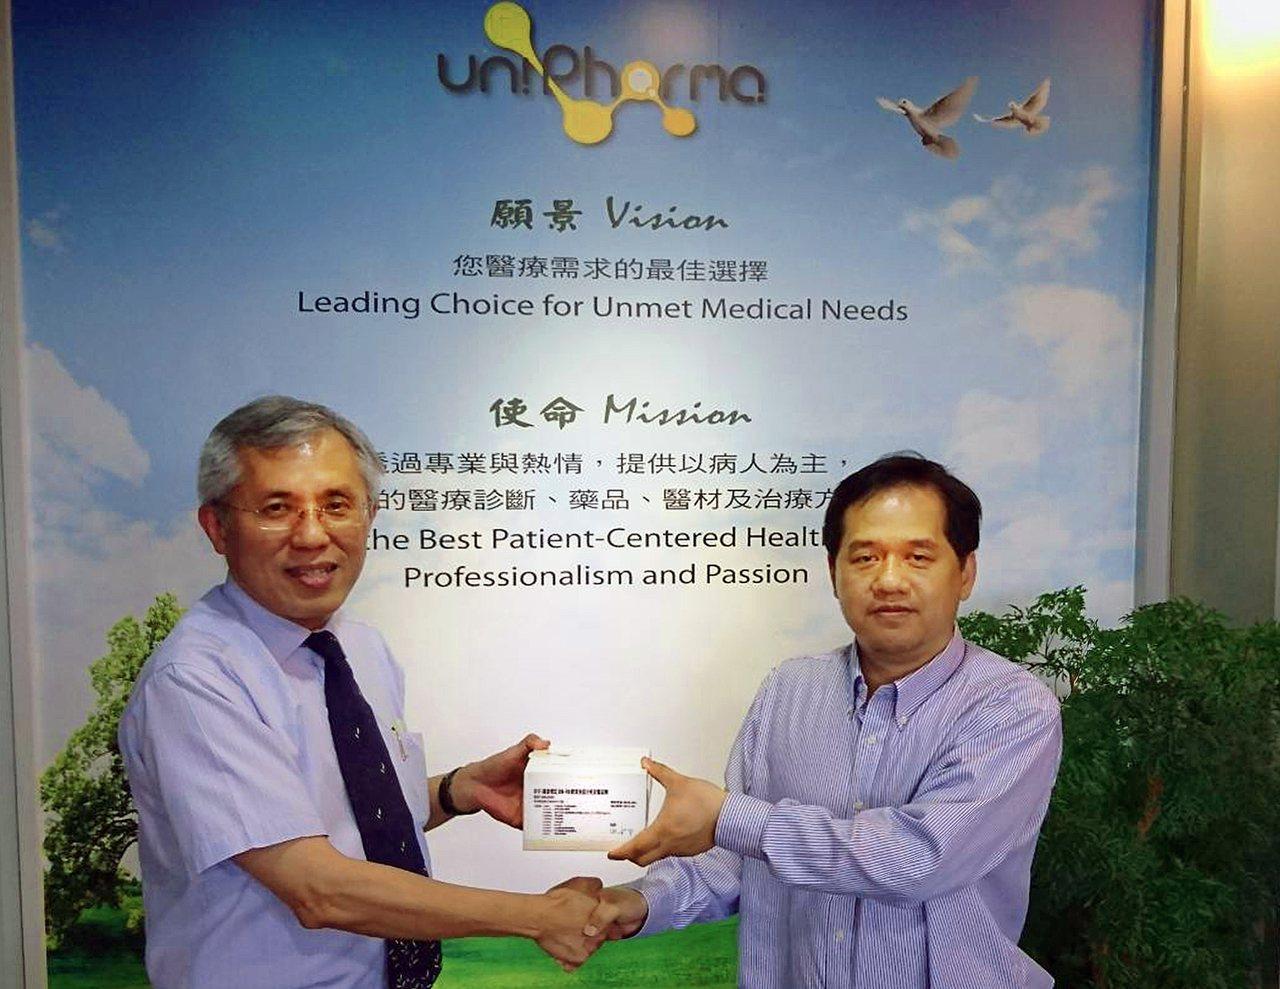 世基生醫搶中國精準醫療市場,獲得華宇大腸癌診斷試劑獨家銷售權,照片為世基生醫董事...